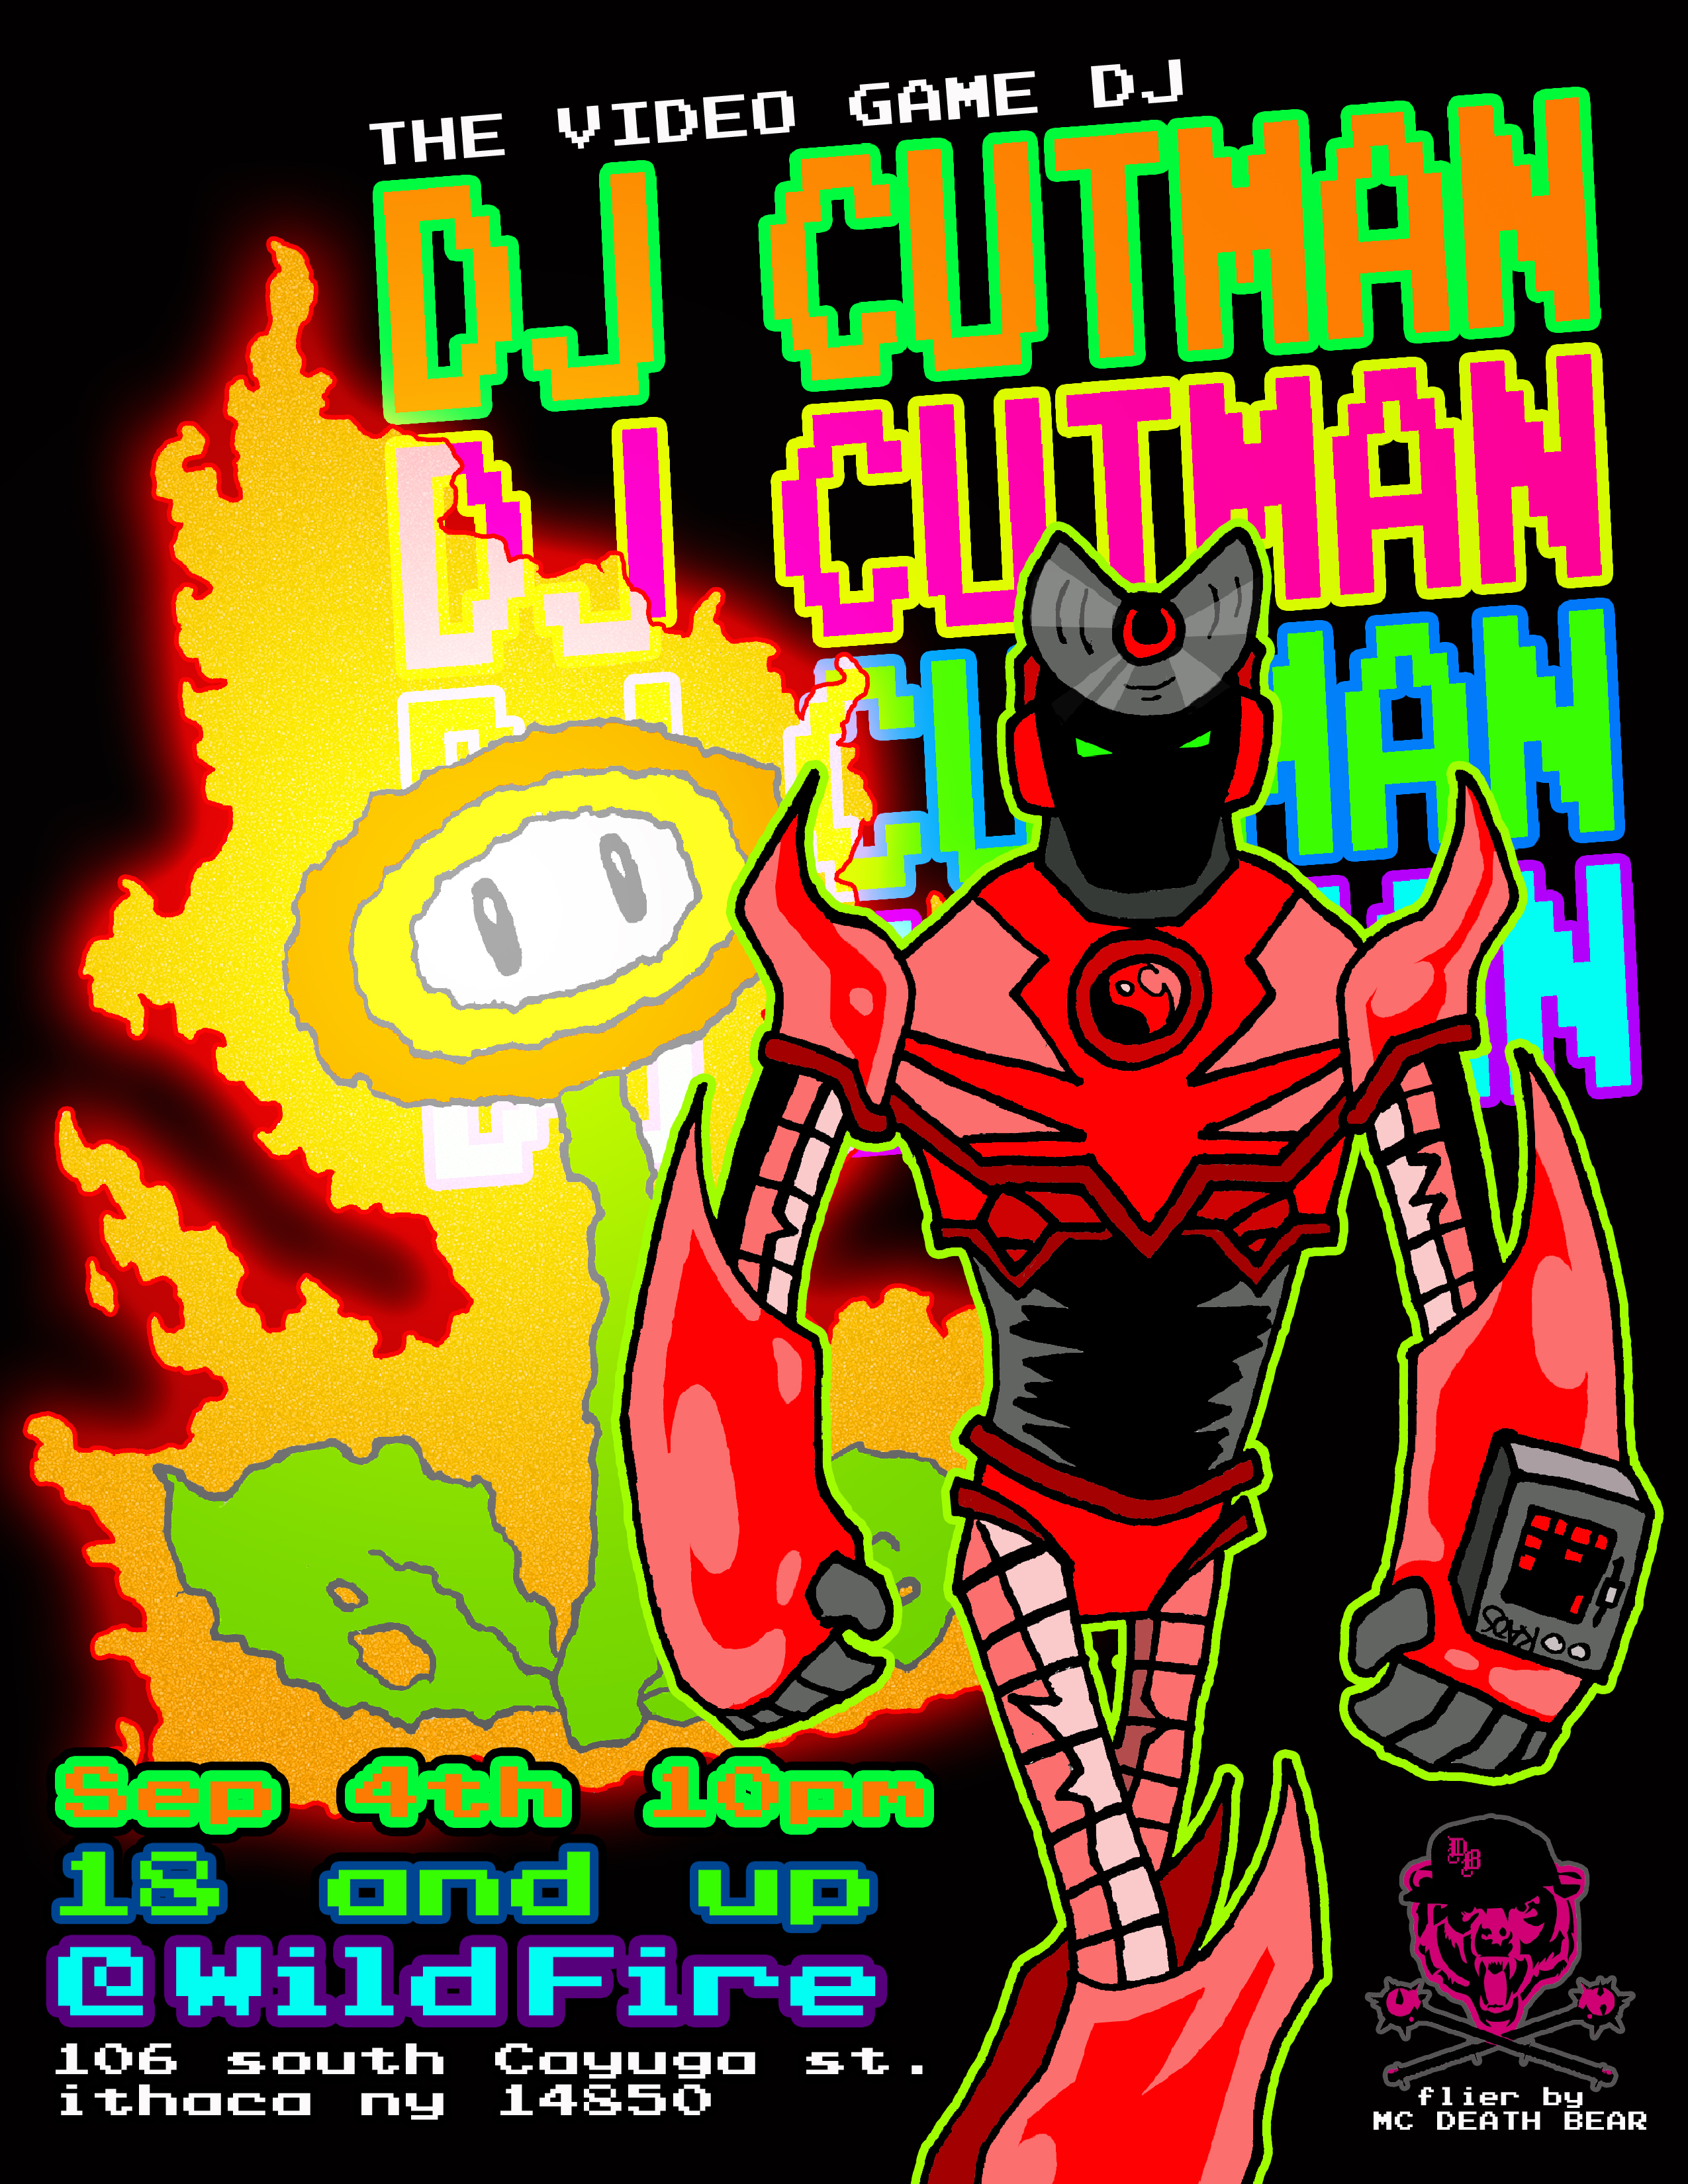 Dj+cutman